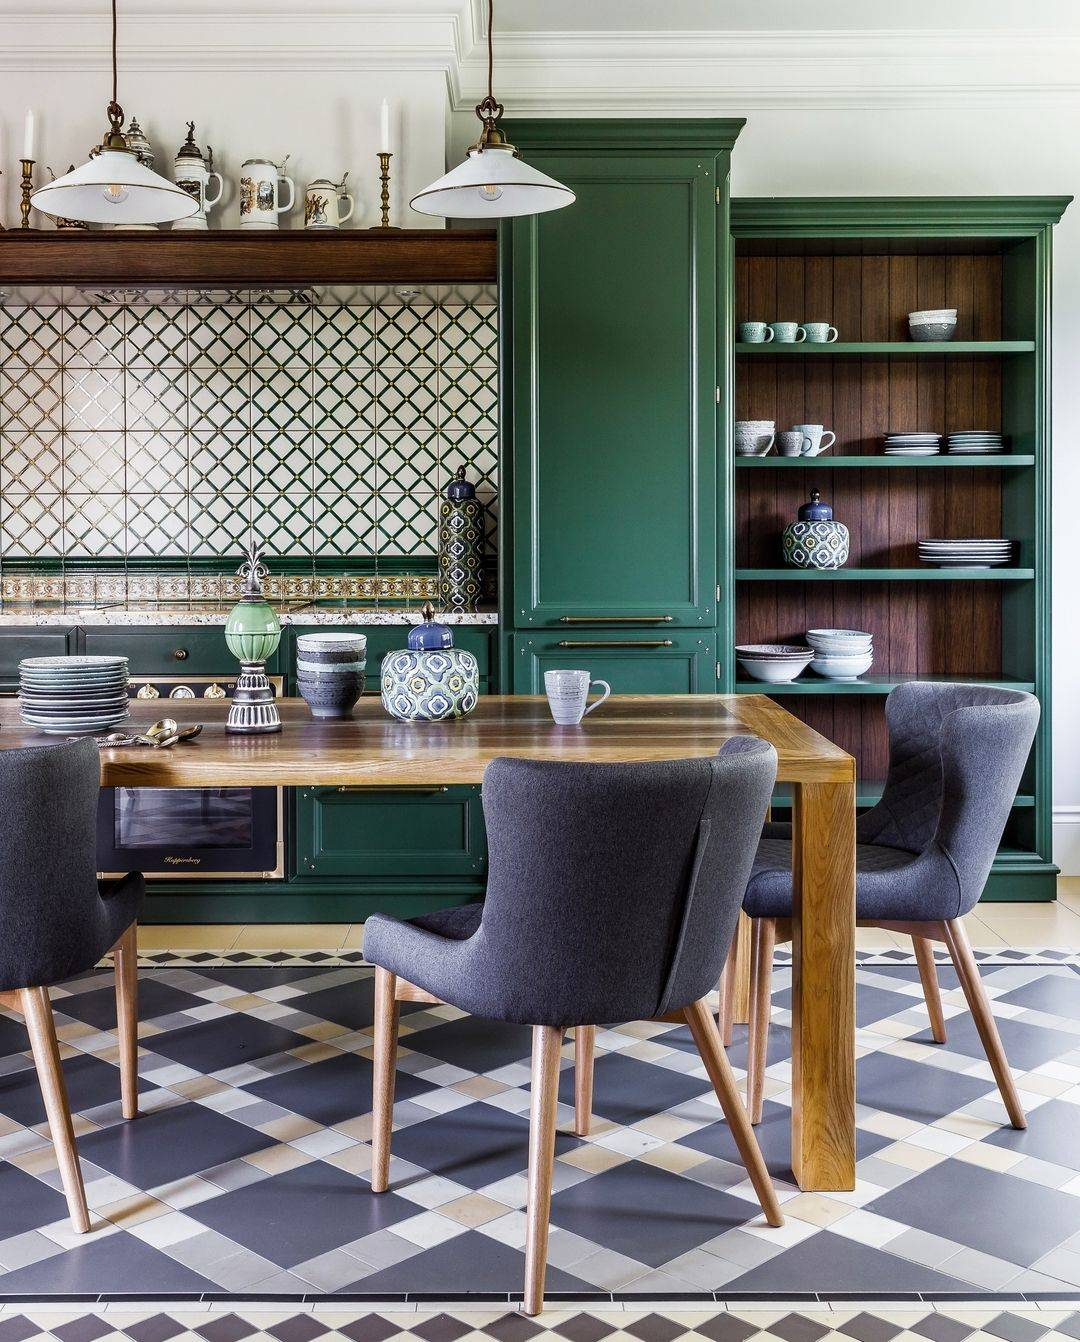 Метлахская плитка на кухне. где и как использовать метлахскую плитку: рекомендации дизайнера екатерины ловягиной